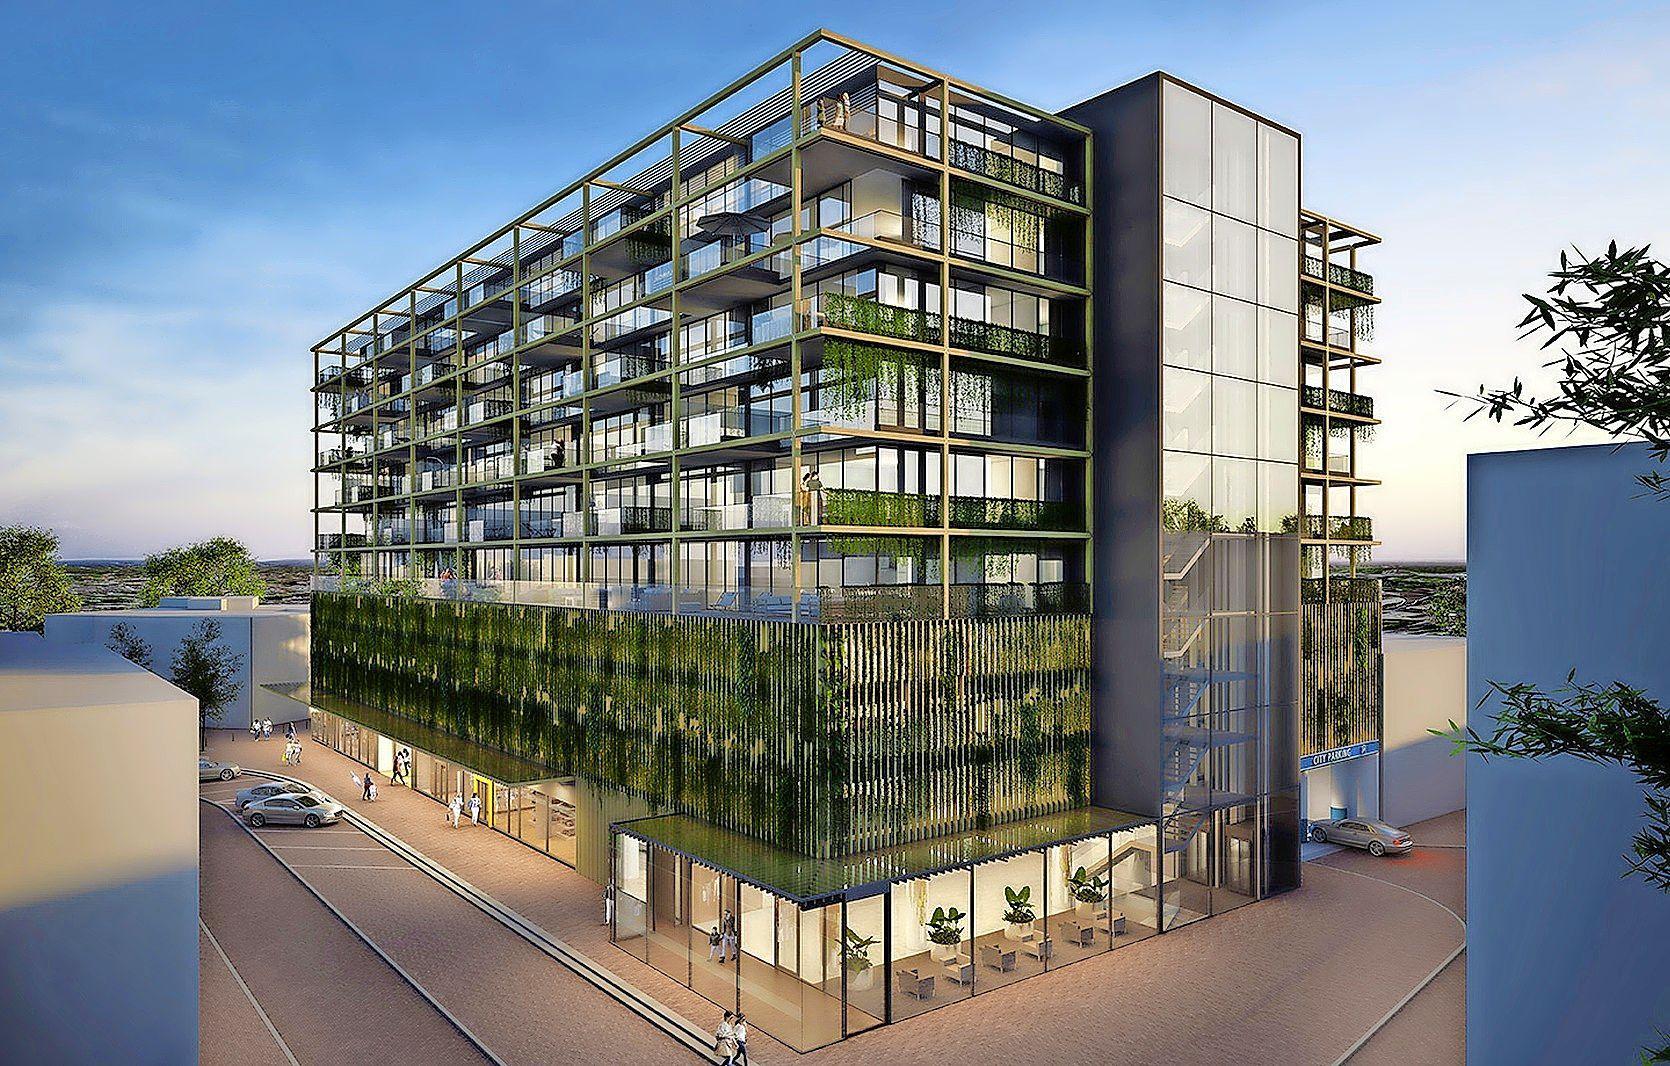 Hilversums college ziet plannen van woningen in parkeergarage Noordse Bosje wel zitten: 'Goed voor levendigheid in centrum'